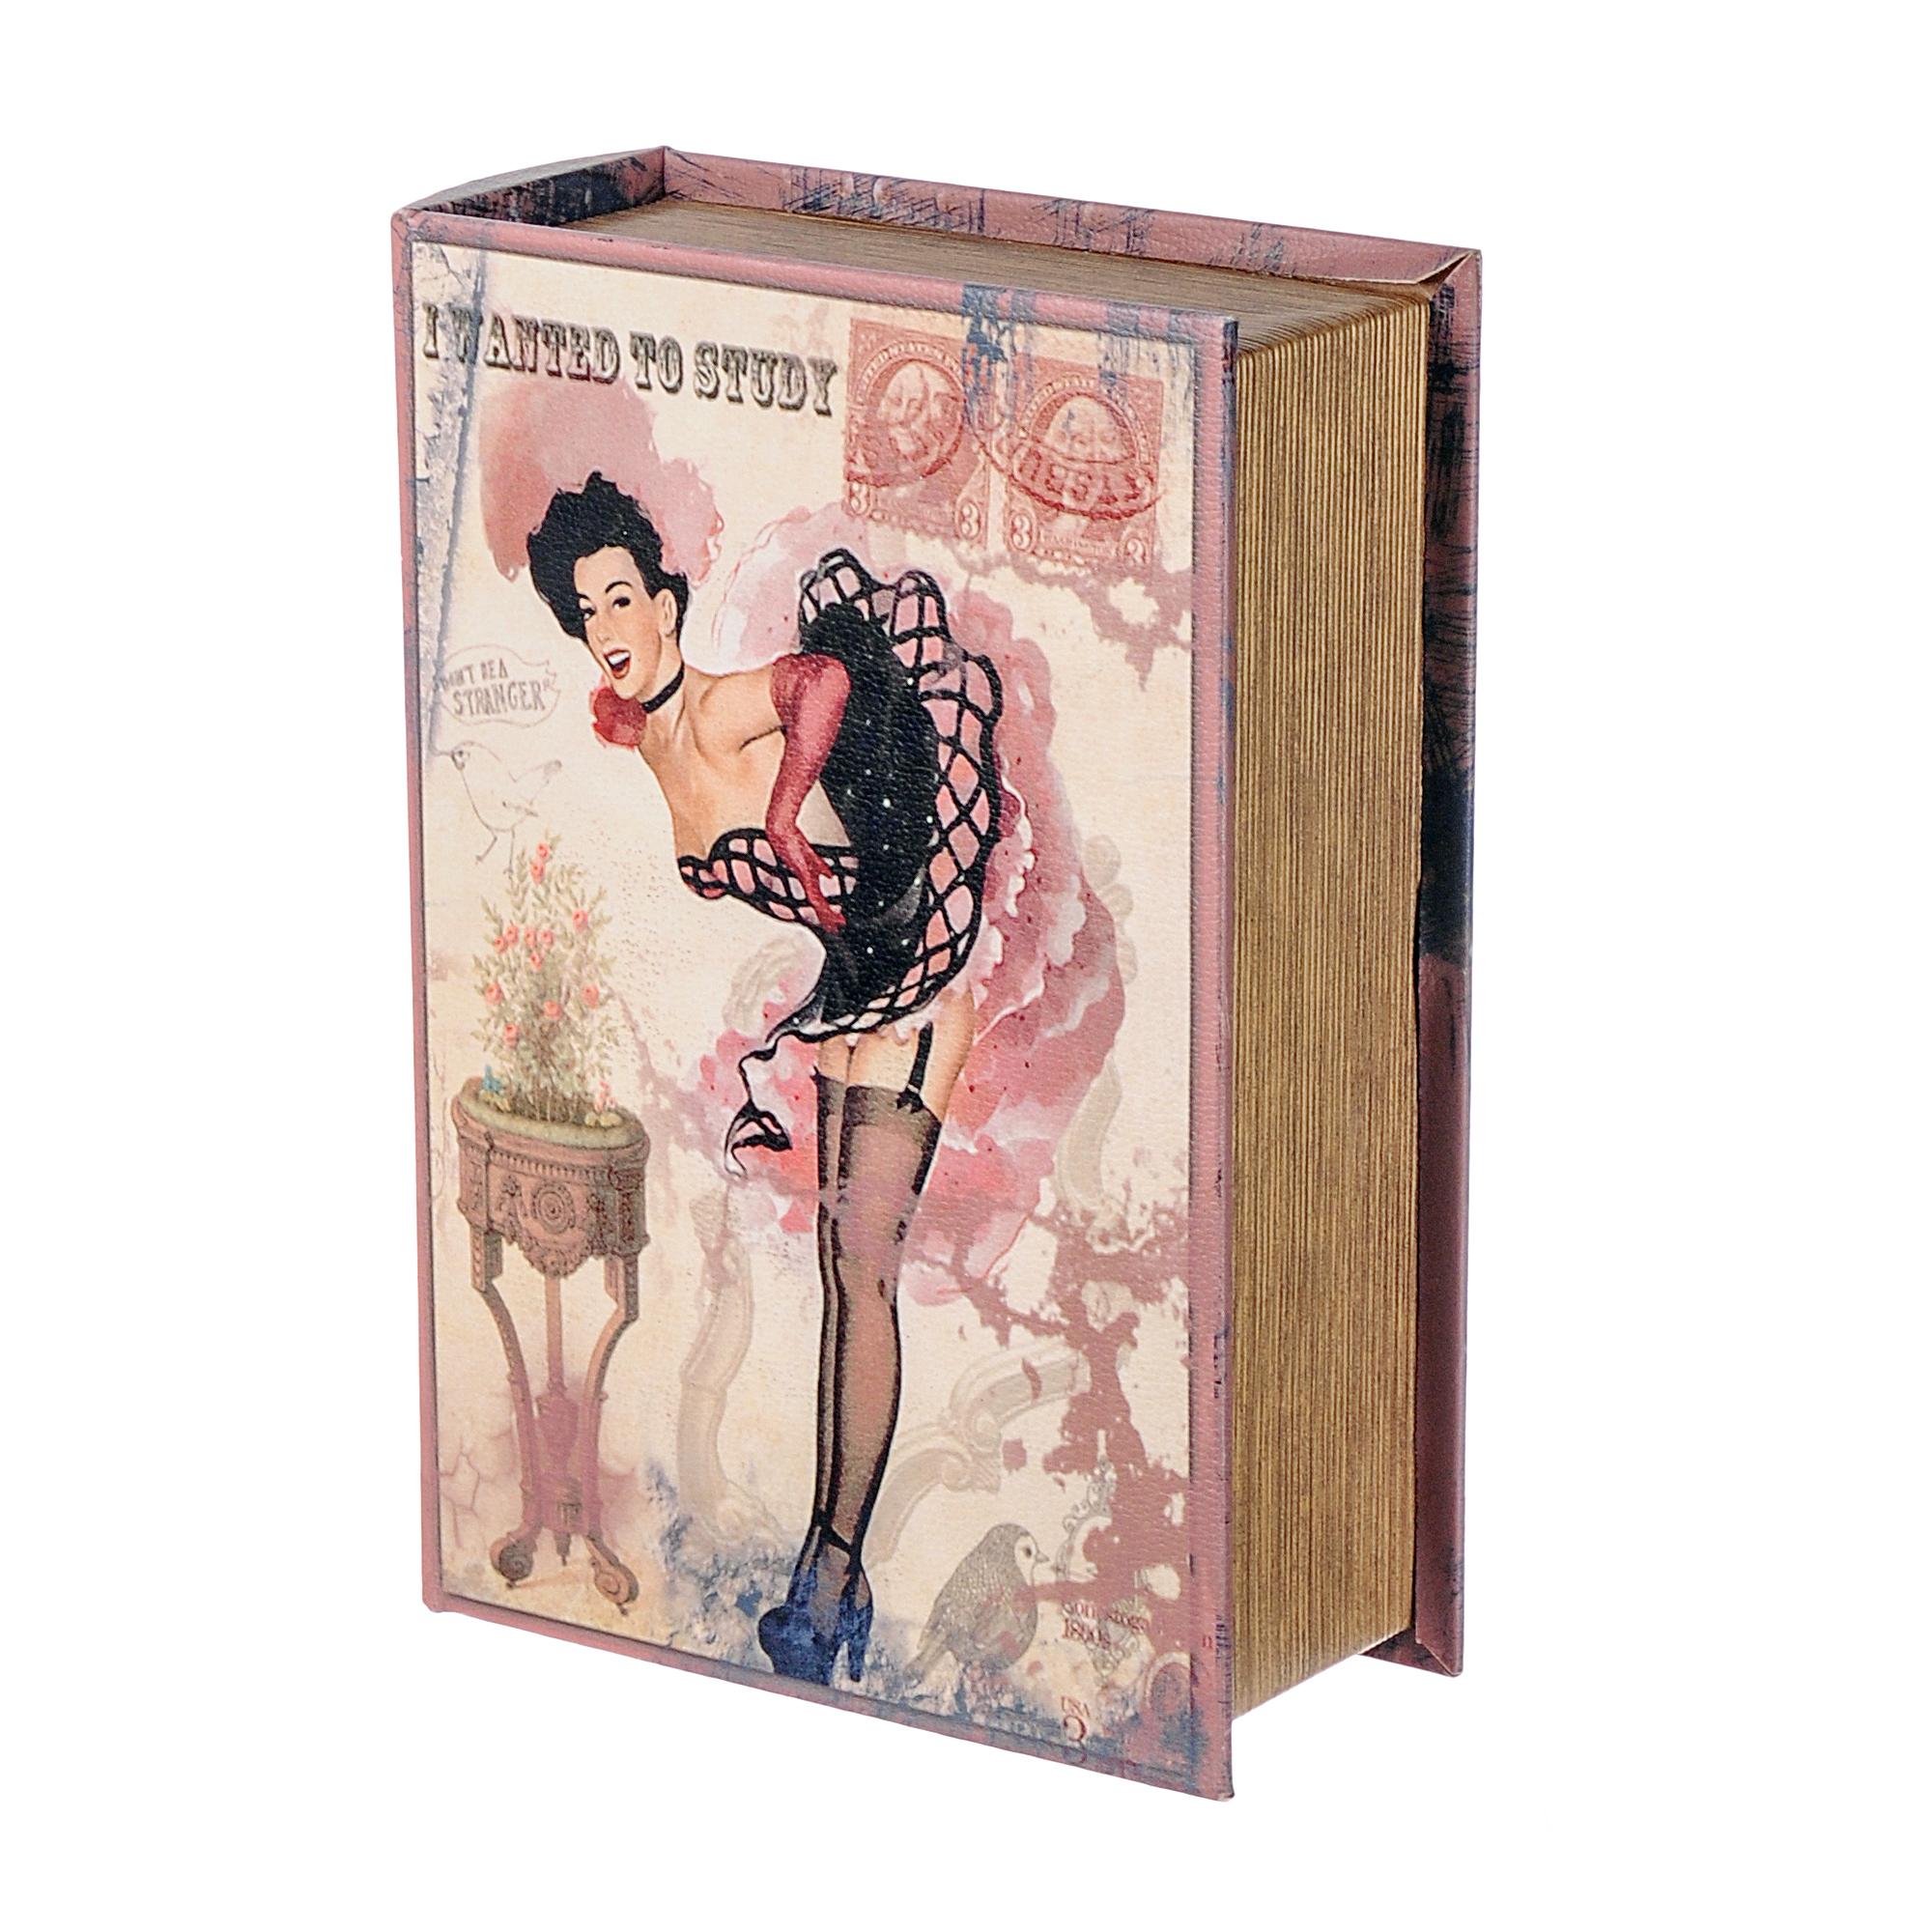 Шкатулка книга большая G.r. Arts and crafts 19х8х27 см